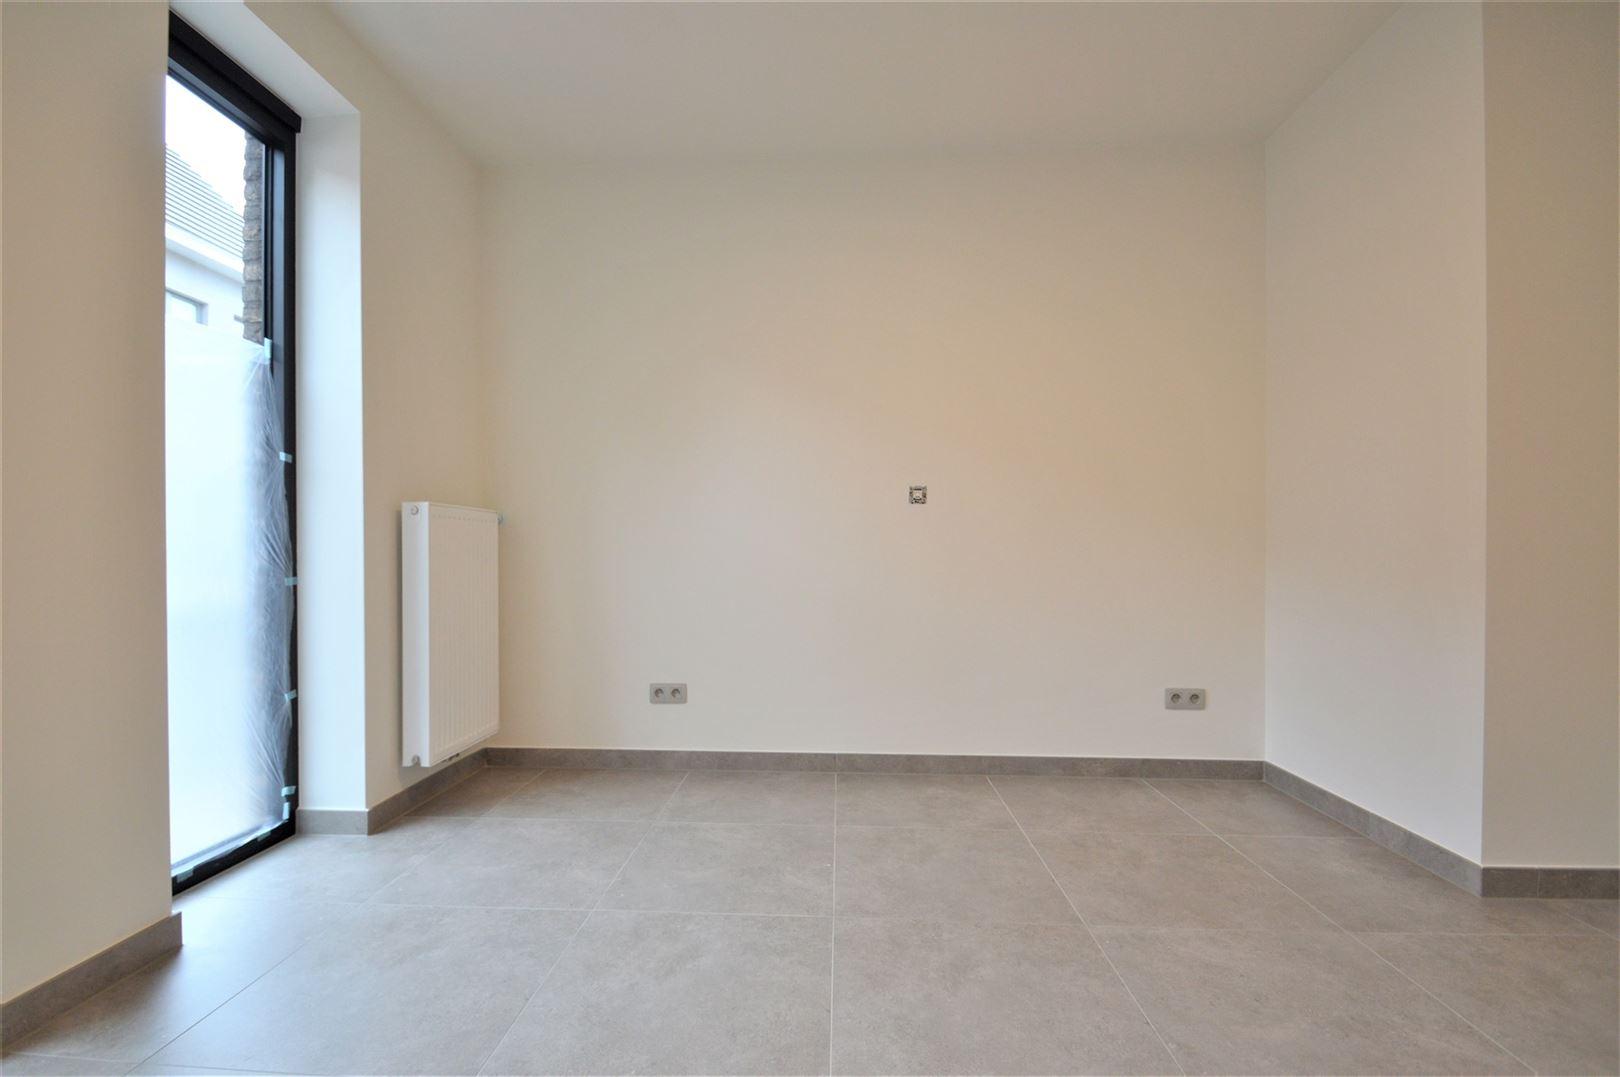 Foto 5 : Appartement te 9200 APPELS (België) - Prijs € 700